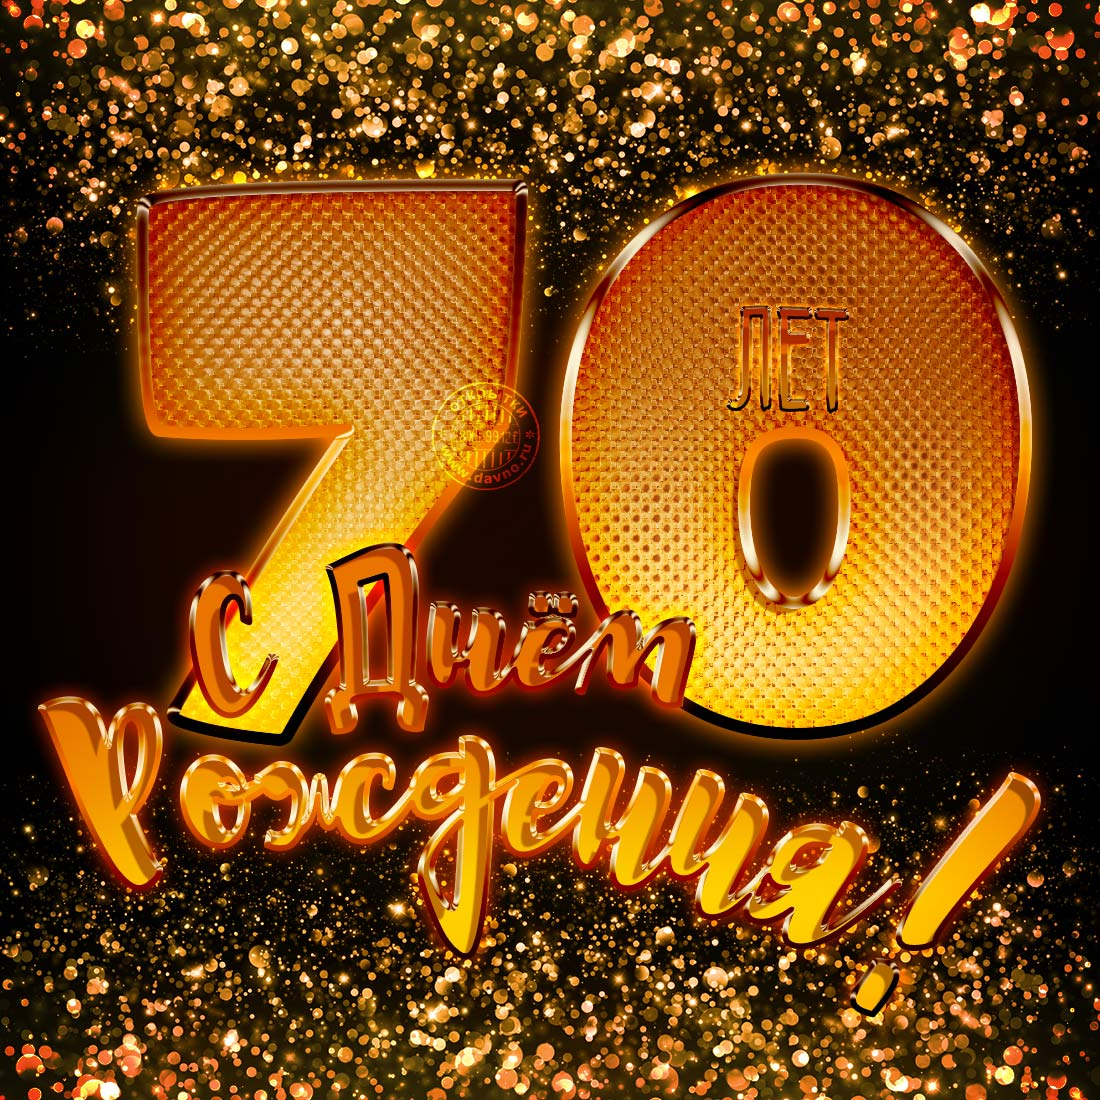 Ржачные поздравления на юбилей 70 лет